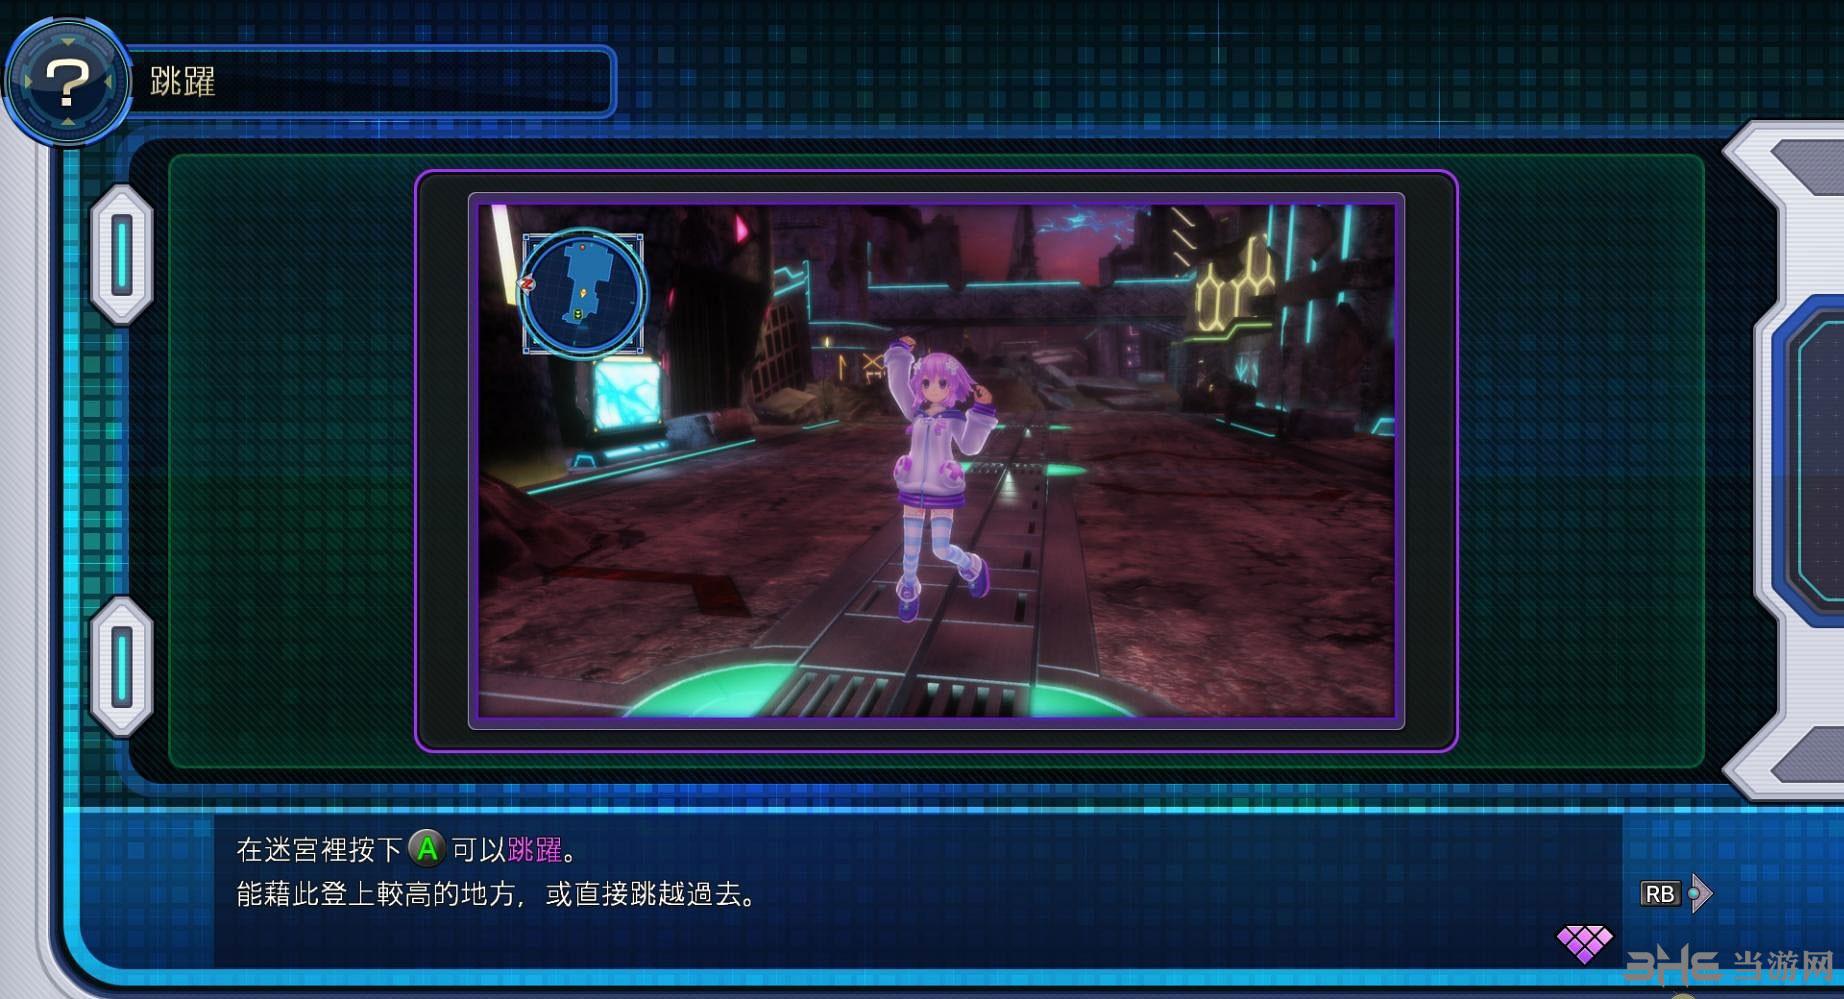 新次元游戏:海王星VII截图7